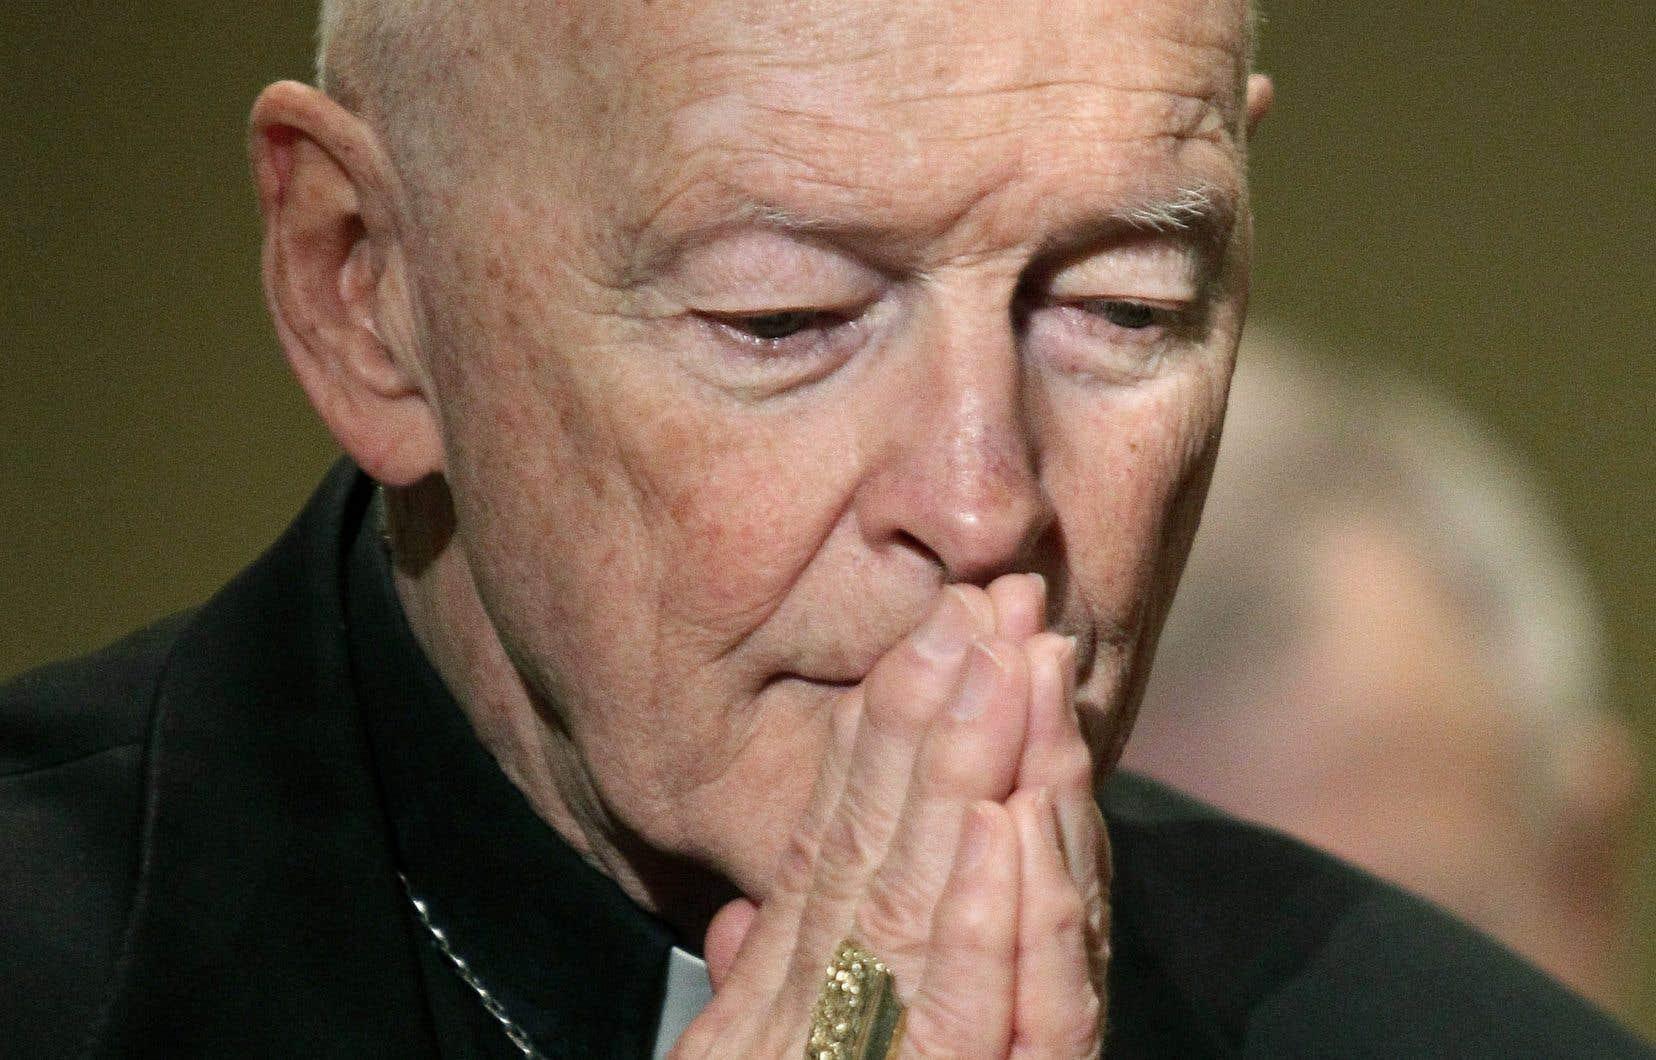 Le scandale McCarrick a provoqué une crise de confiance envers la hiérarchie catholique aux États-Unis et au Vatican, puisqu'il s'agissait d'un secret de polichinelle.